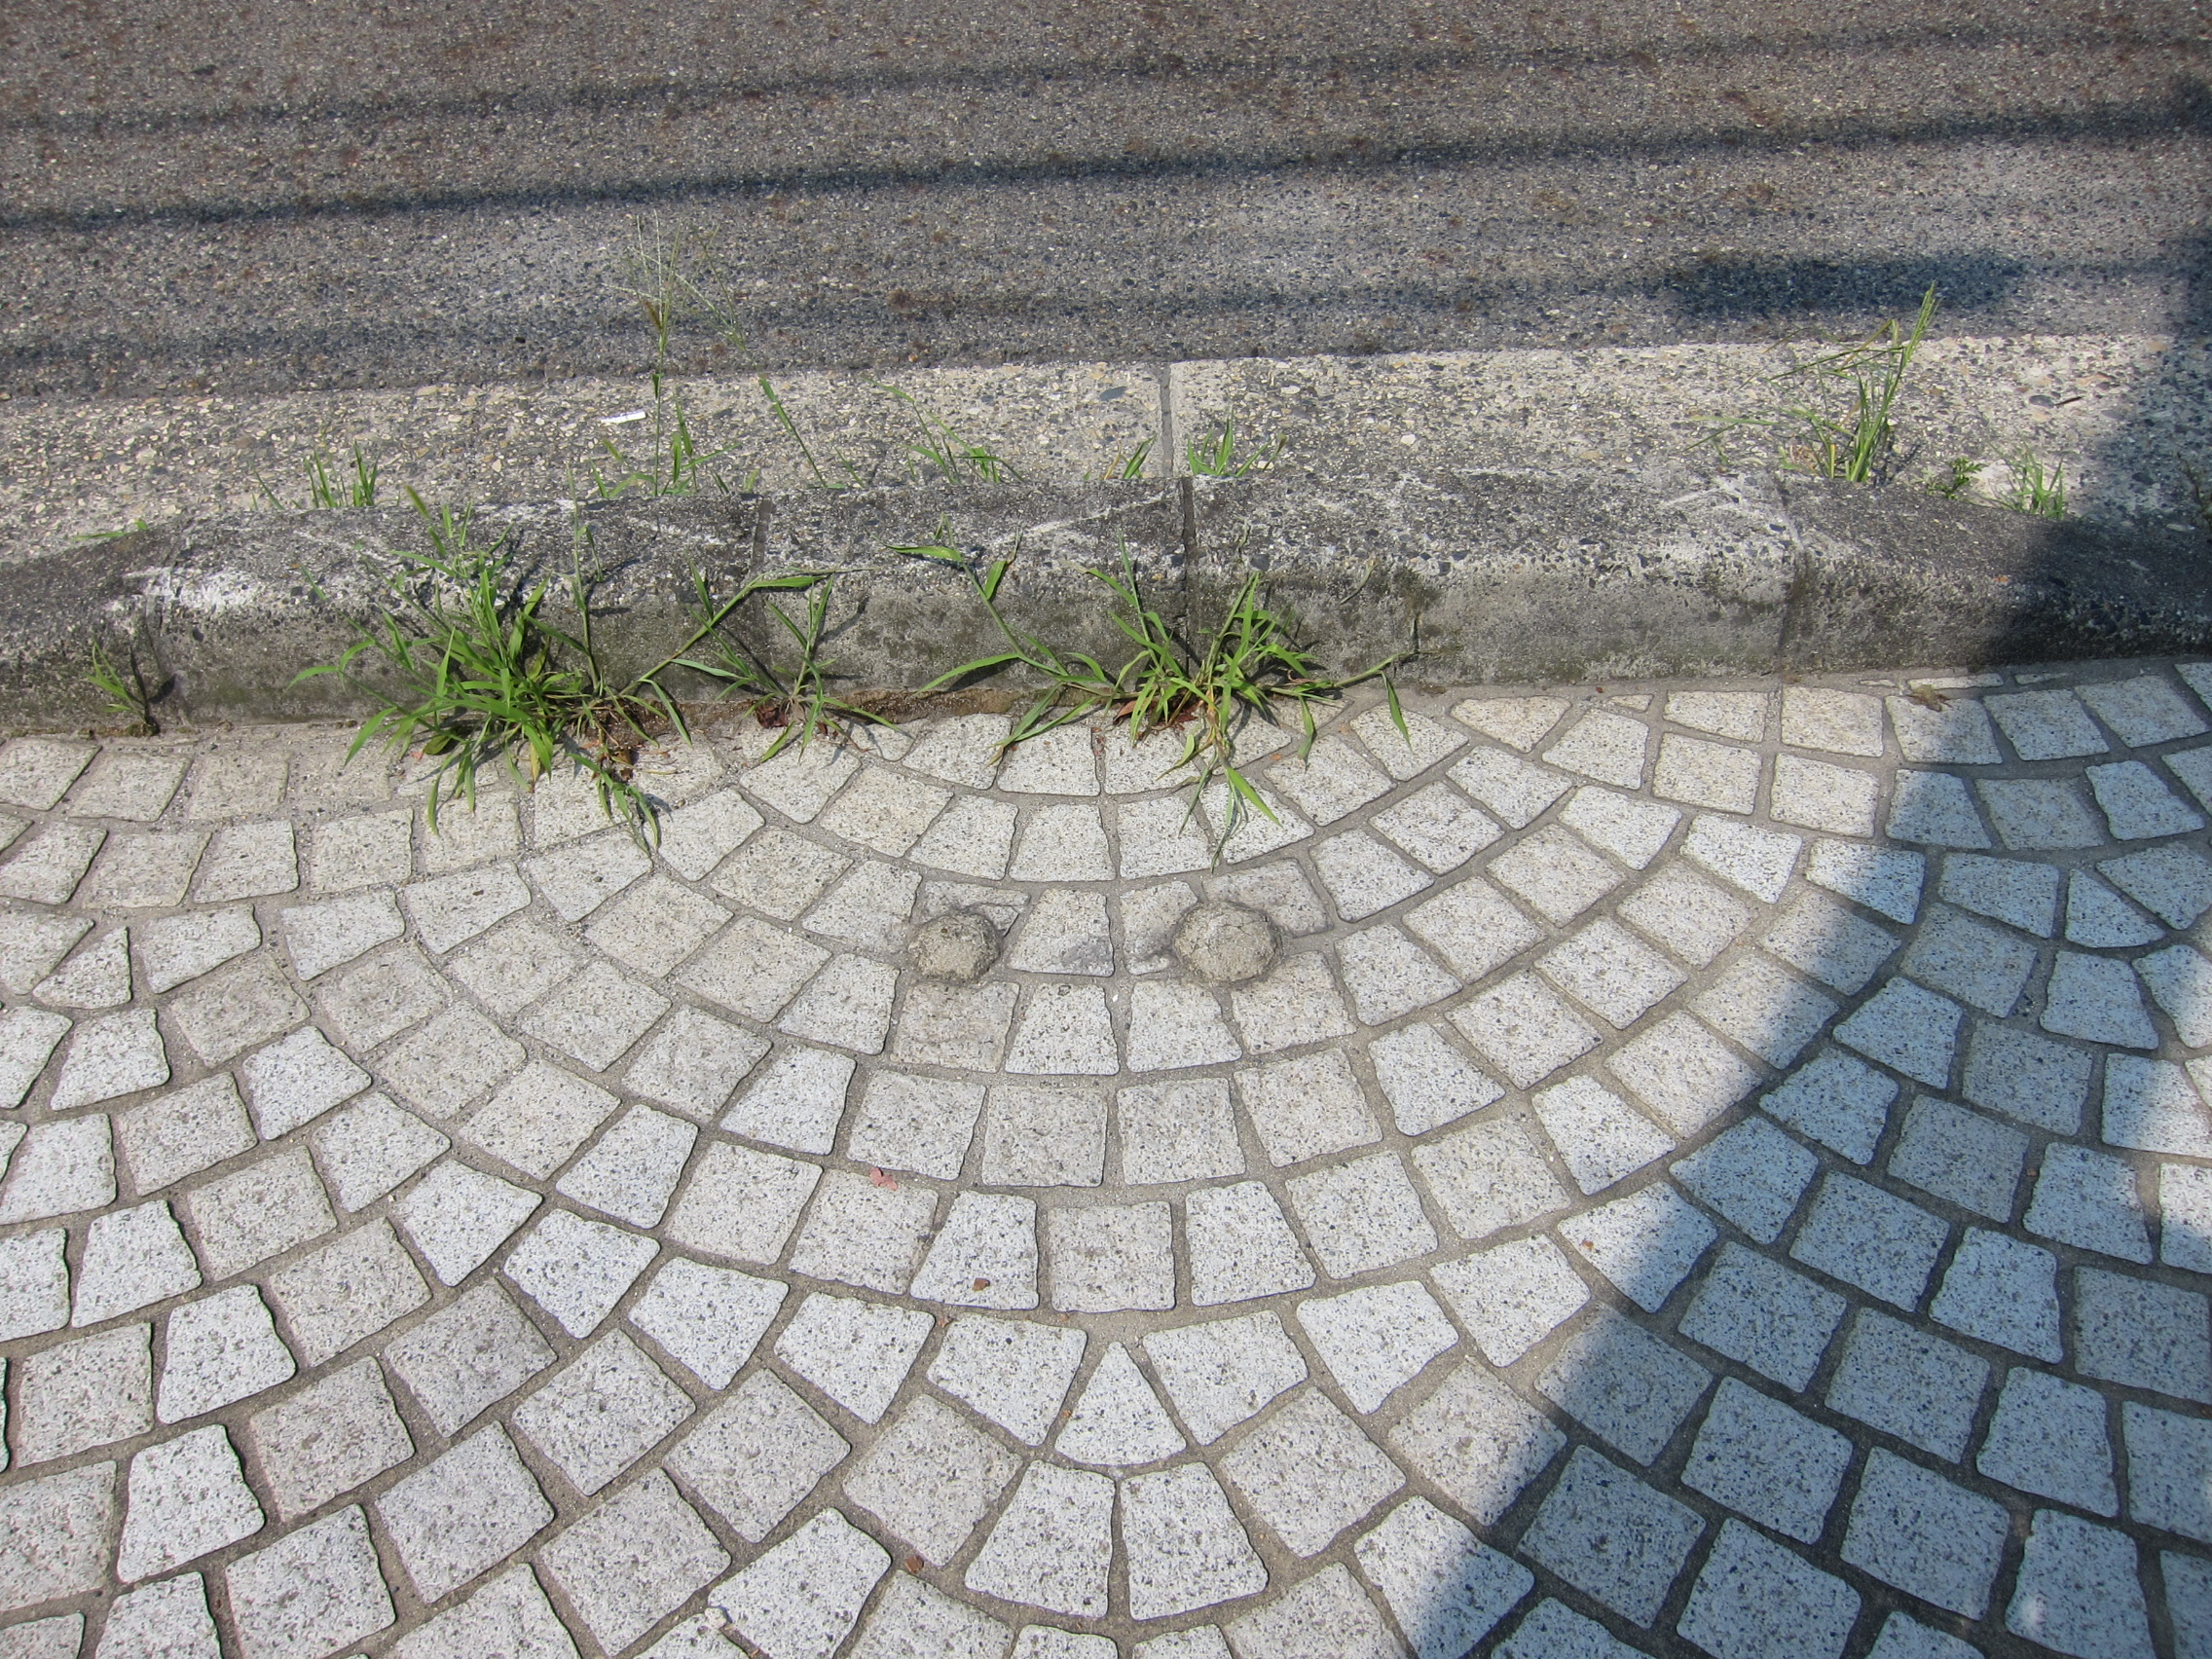 二本松 西行バス停跡